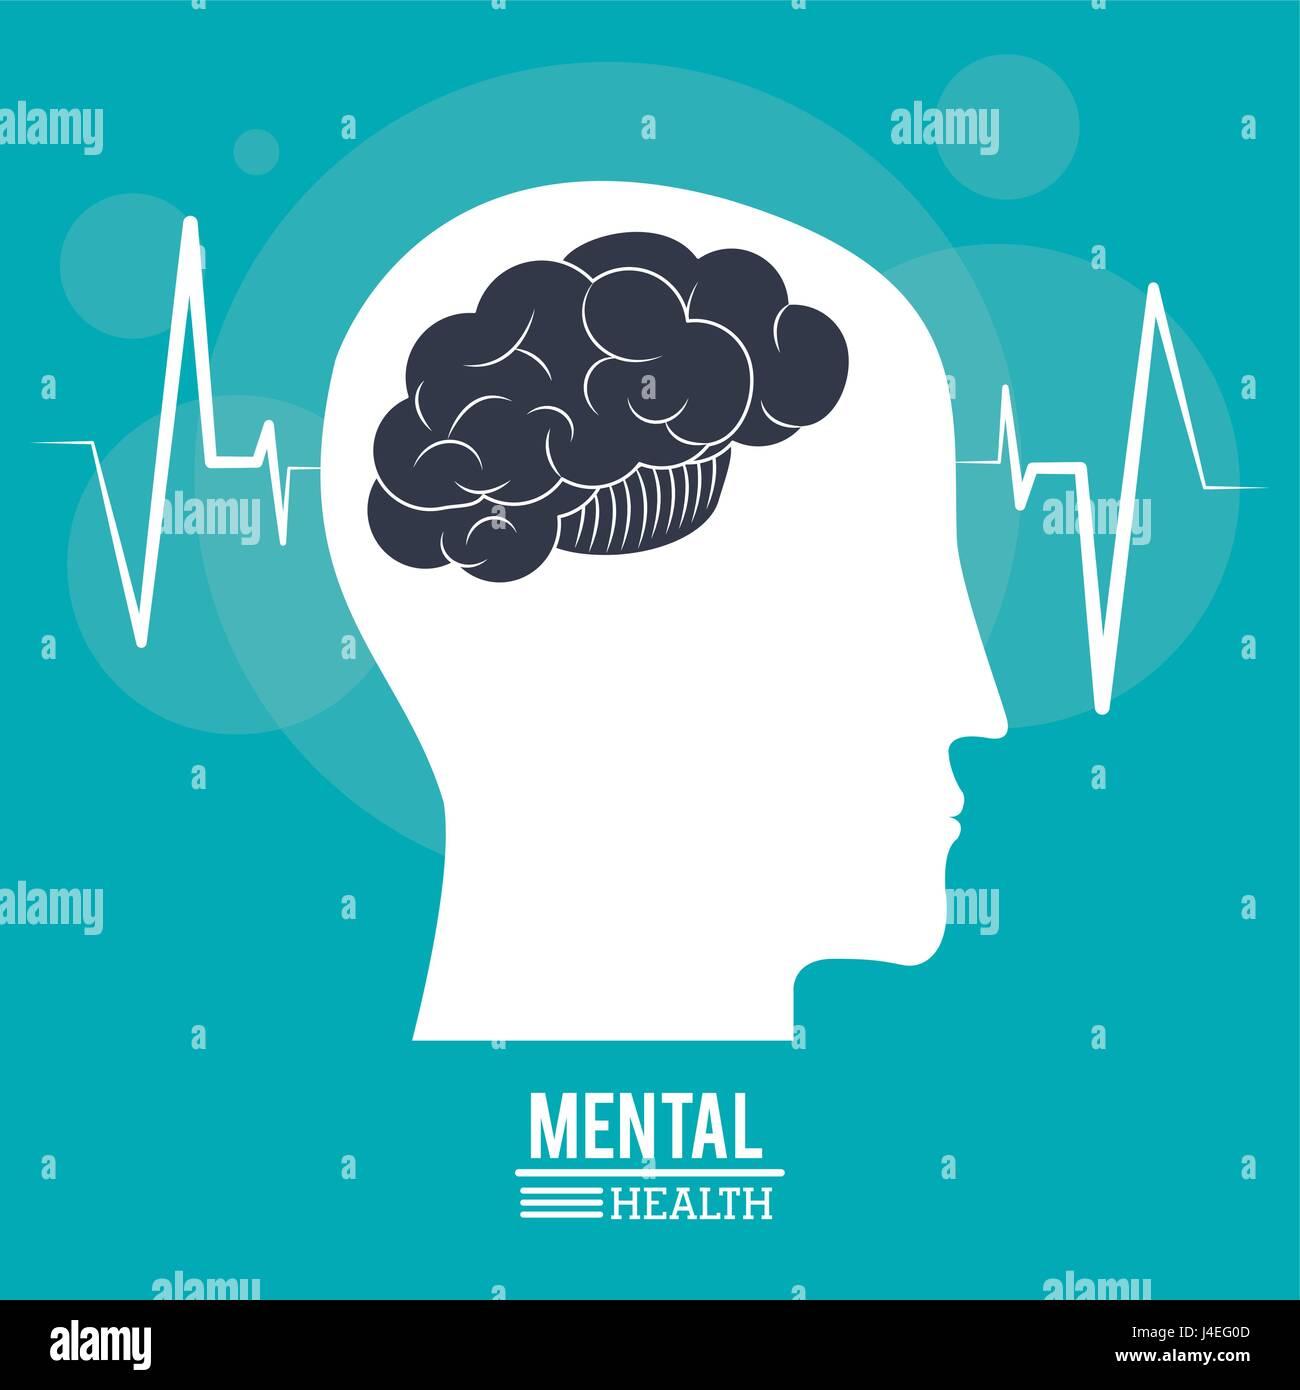 La tête, cerveau profil santé mentale concevoir Photo Stock